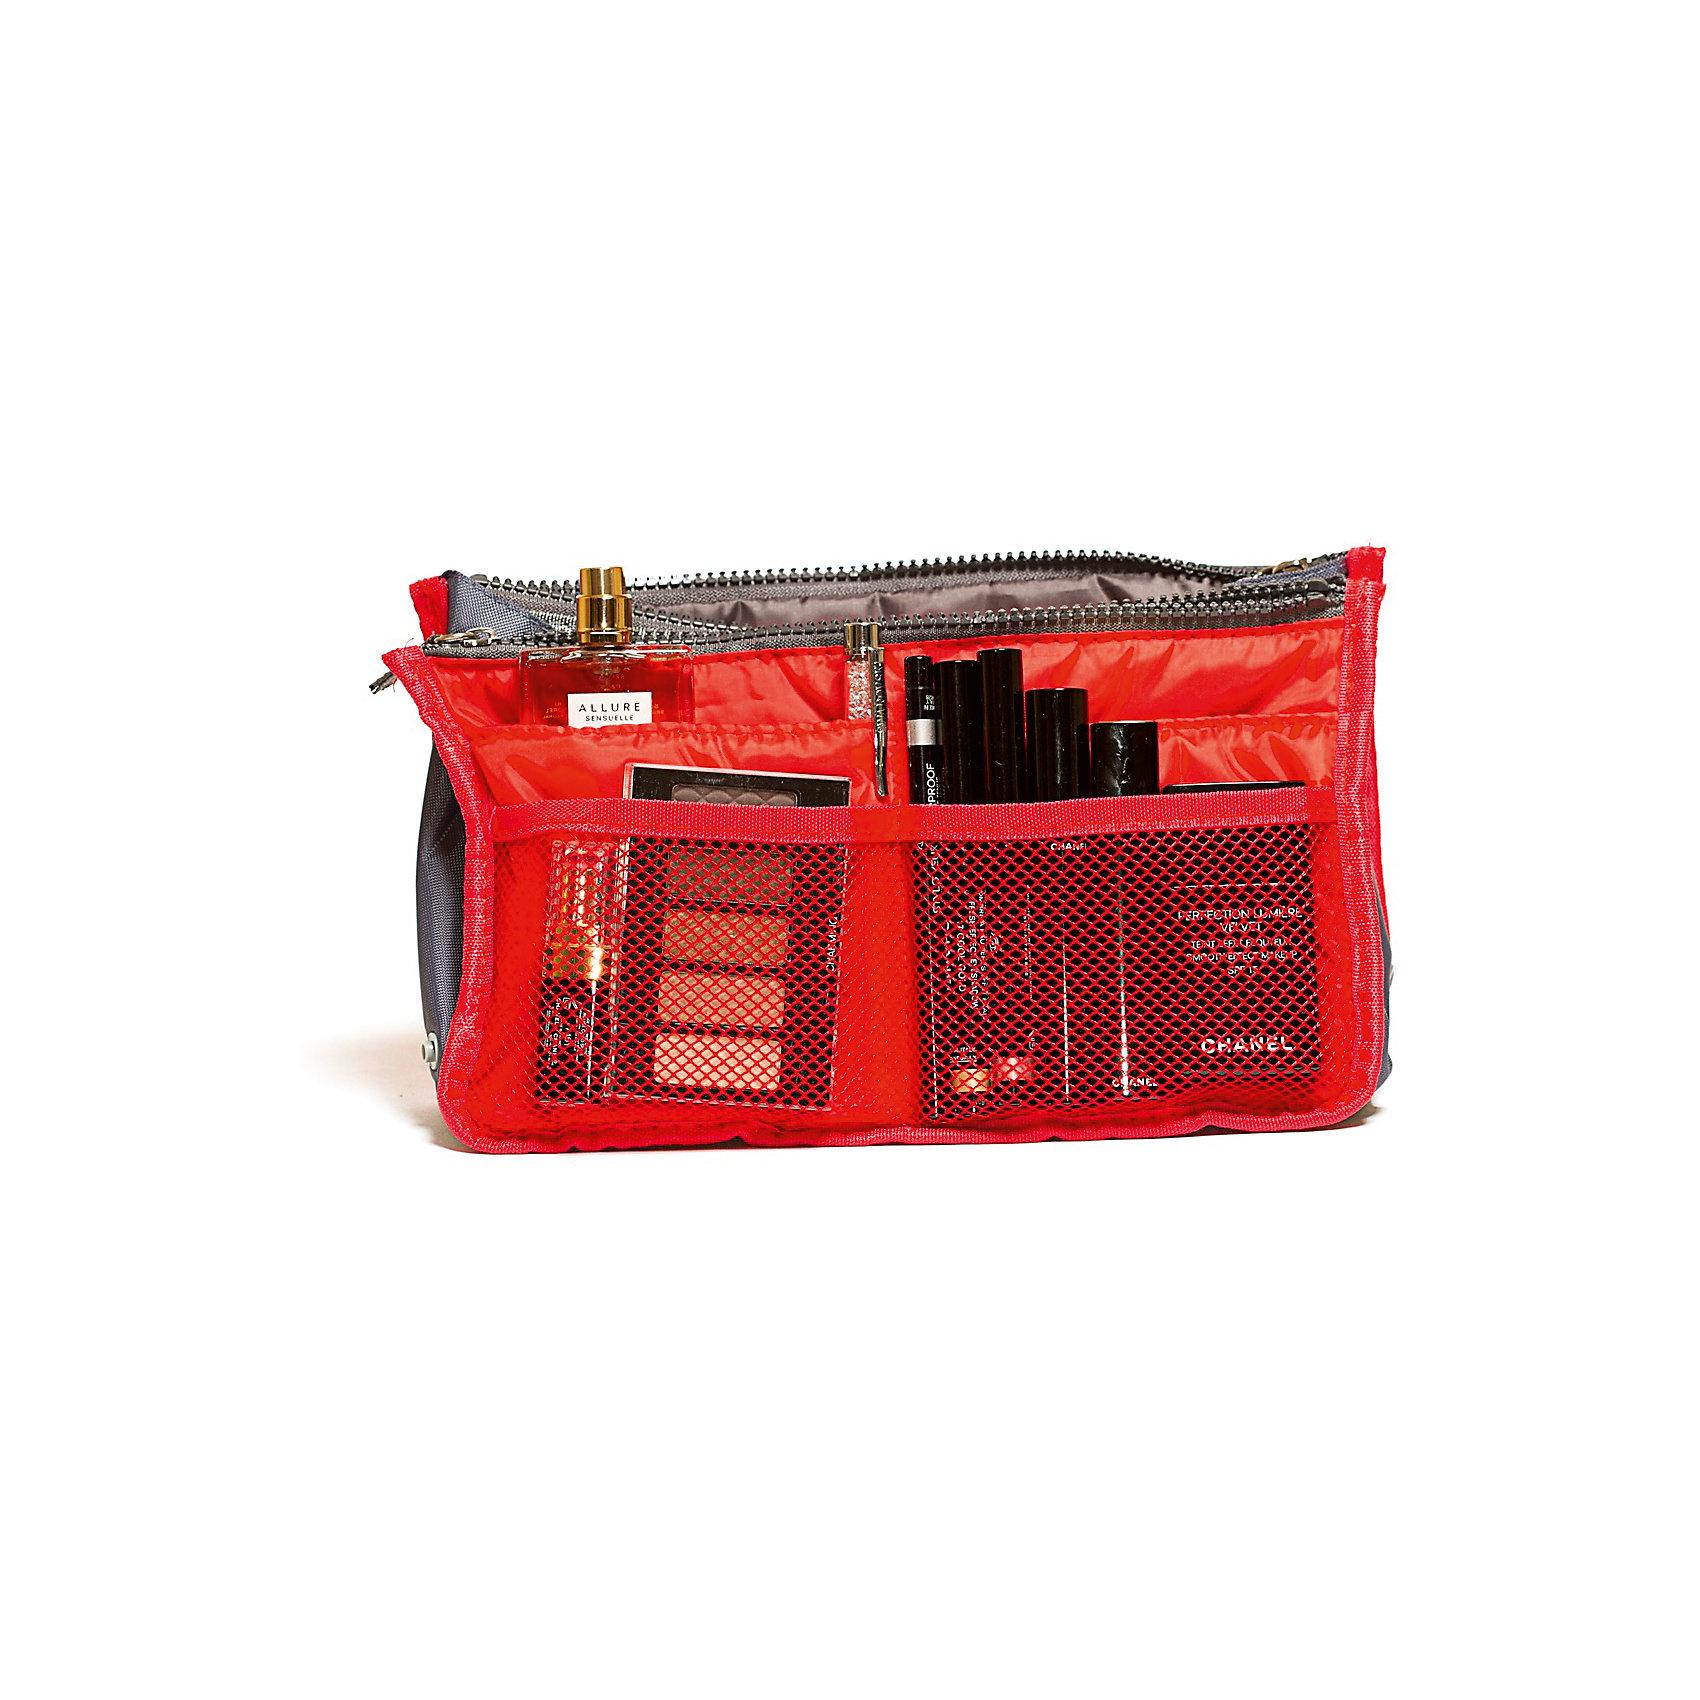 Органайзер для сумки, Homsu, красныйПорядок в детской<br>Характеристики товара:<br><br>• цвет: красный<br>• материал: ткань, полиэстер<br>• размер: 30х8х18 см<br>• вес: 200 г<br>• застежка: молния<br>• ручки для переноски<br>• вместимость: 3 отделения, 10 карманов<br>• страна бренда: Россия<br>• страна изготовитель: Китай<br><br>Органайзер для сумки от бренда Homsu (Хомсу) - очень удобная вещь для хранения вещей и эргономичной организации пространства.<br><br>Он легкий, вместительный, имеет удобную ручку для переноски, можно использовать как отдельный аксессуар.<br><br>Органайзер для сумки, Homsu можно купить в нашем интернет-магазине.<br><br>Ширина мм: 280<br>Глубина мм: 30<br>Высота мм: 170<br>Вес г: 200<br>Возраст от месяцев: 216<br>Возраст до месяцев: 1188<br>Пол: Унисекс<br>Возраст: Детский<br>SKU: 5620308